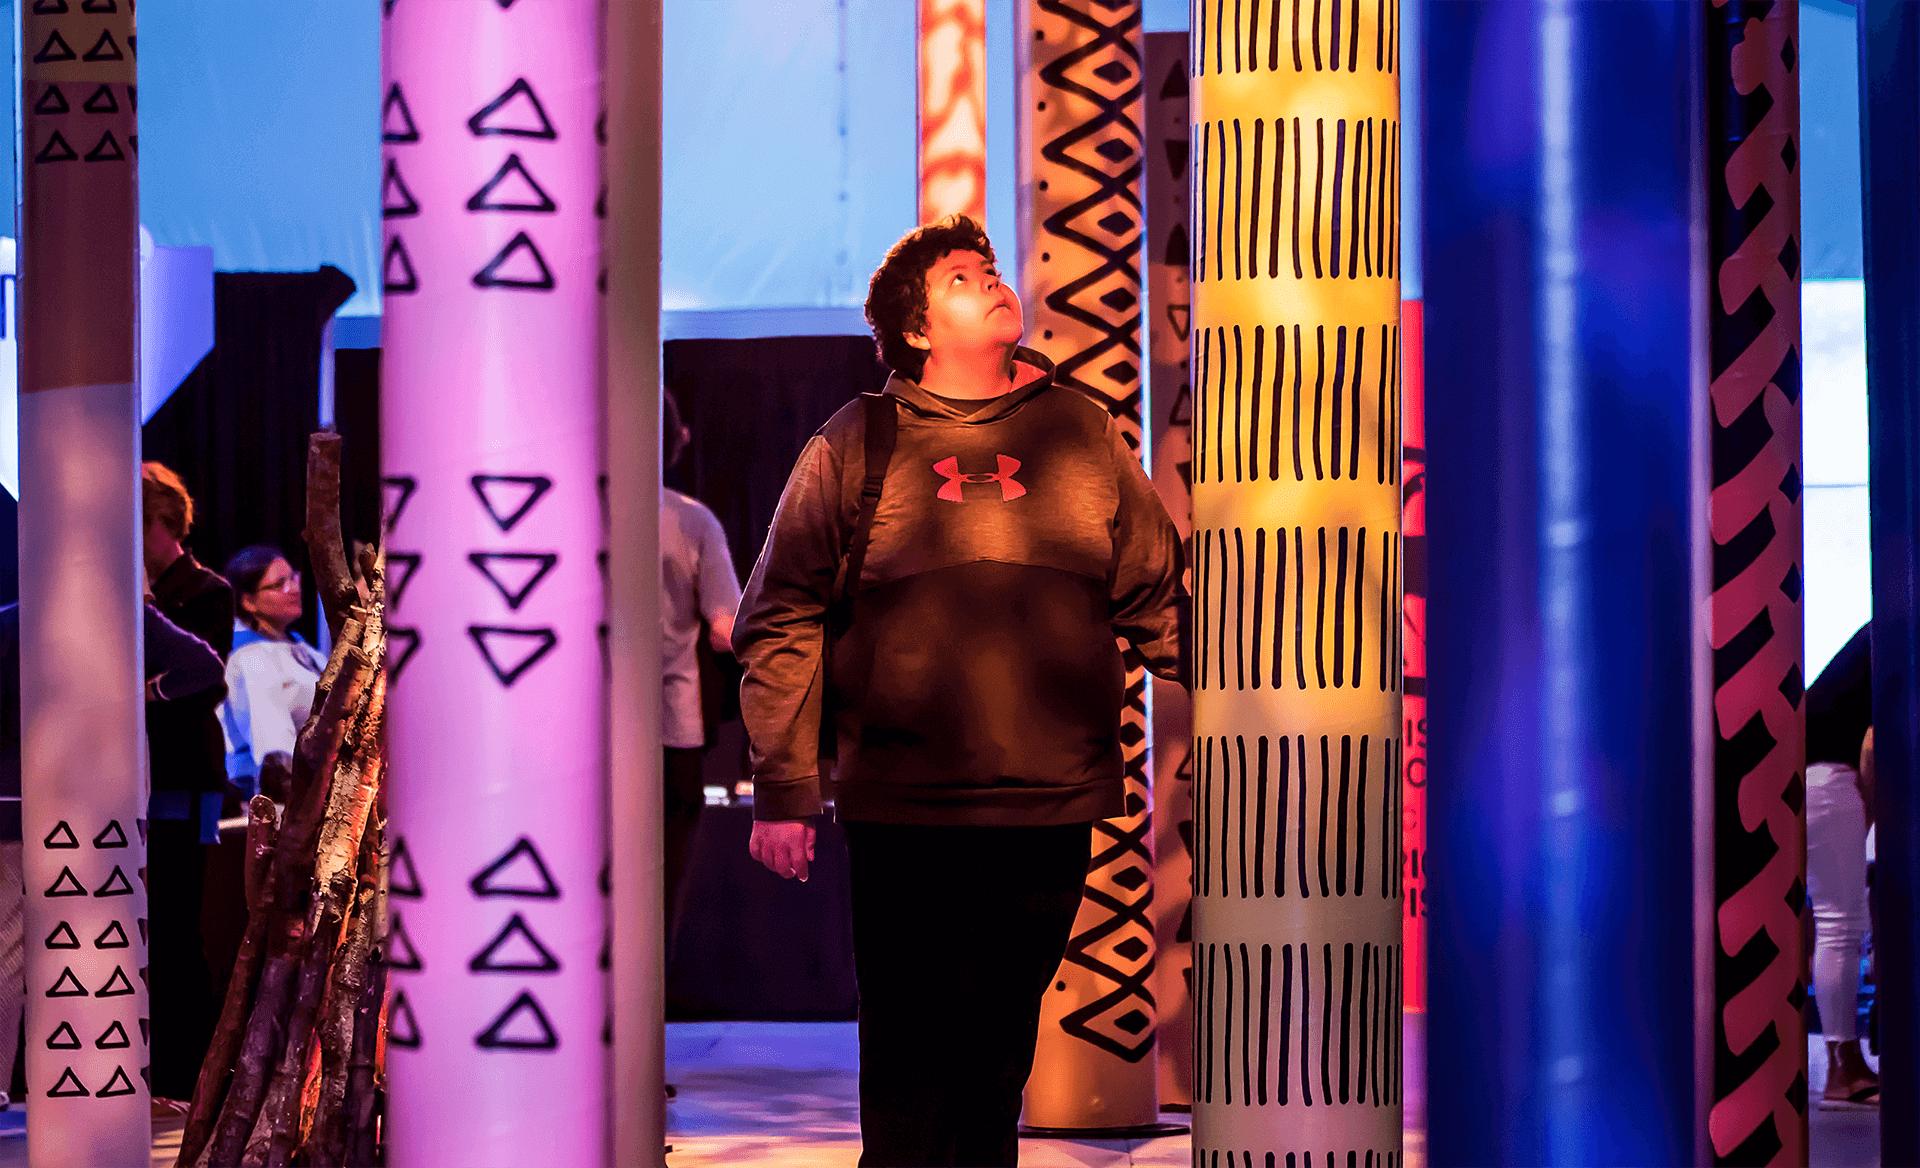 Identité visuelle |Visiteur debout à travers une forêt de poteaux colorés |TAQ